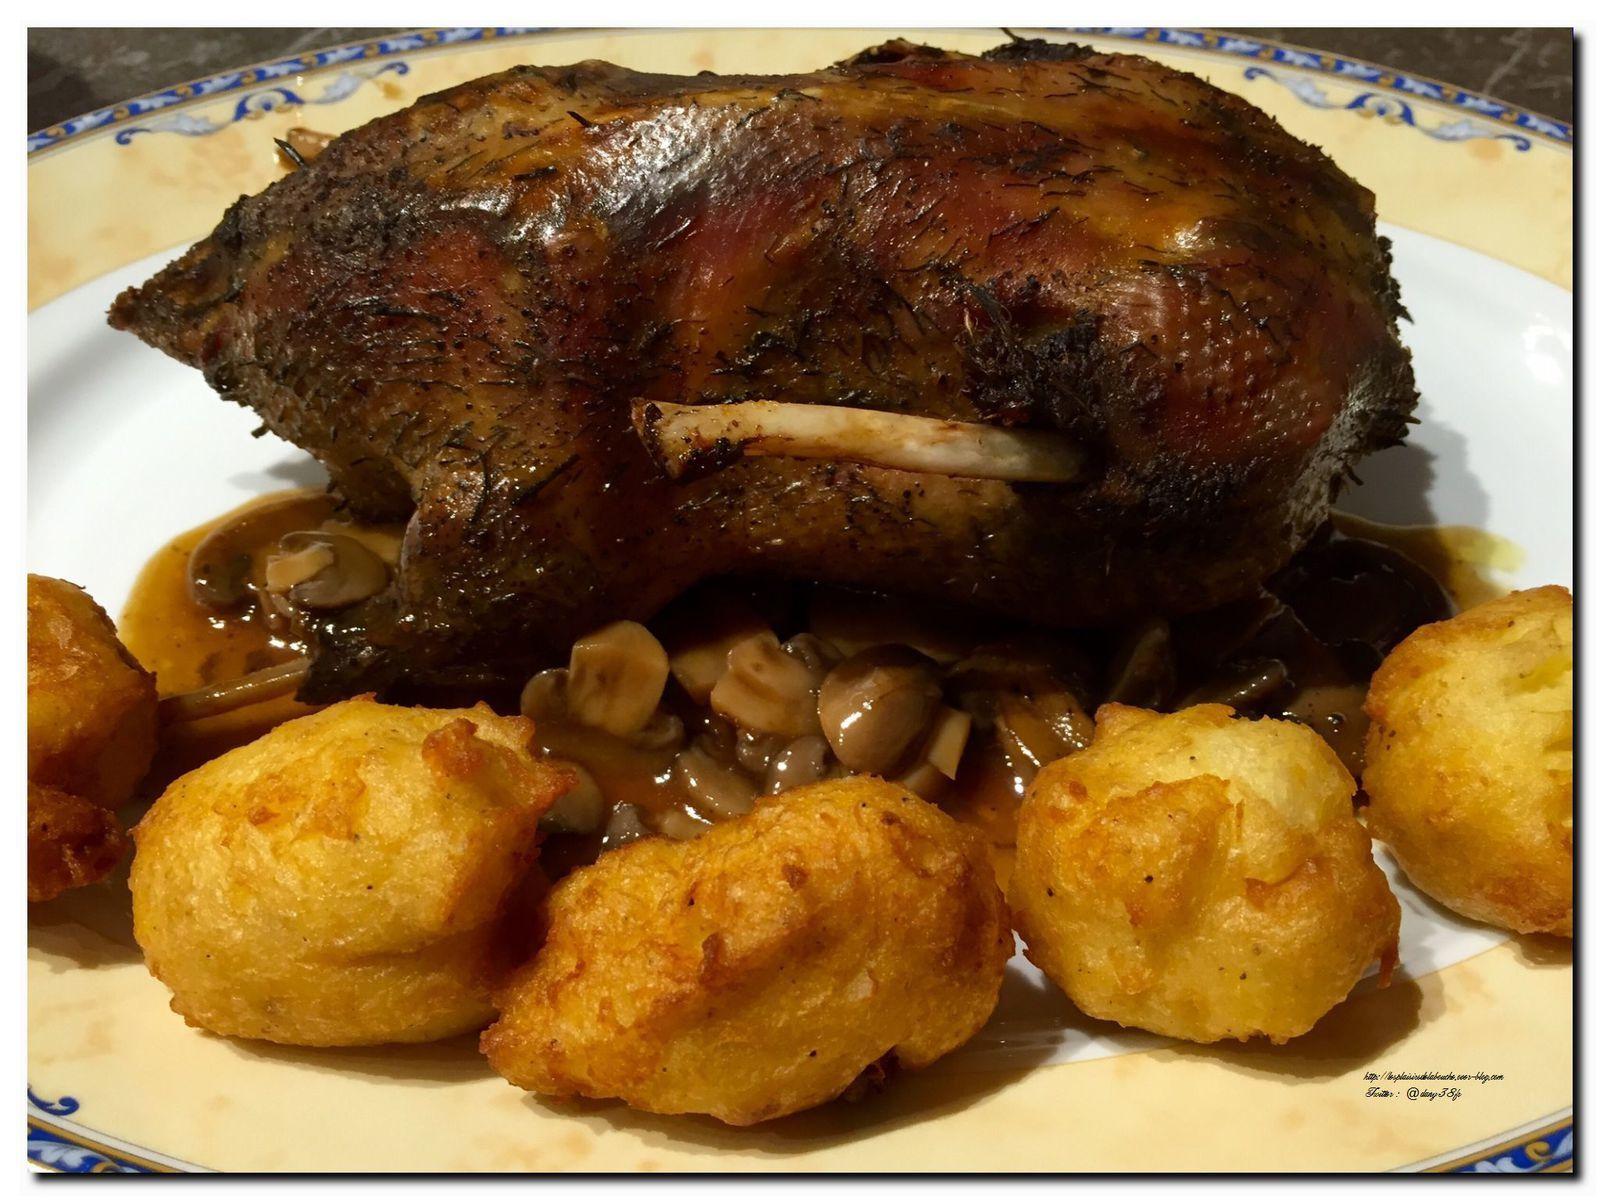 Canard r ti au four en cocotte les plaisirs de la bouche - Recette manchons de canard en cocotte ...